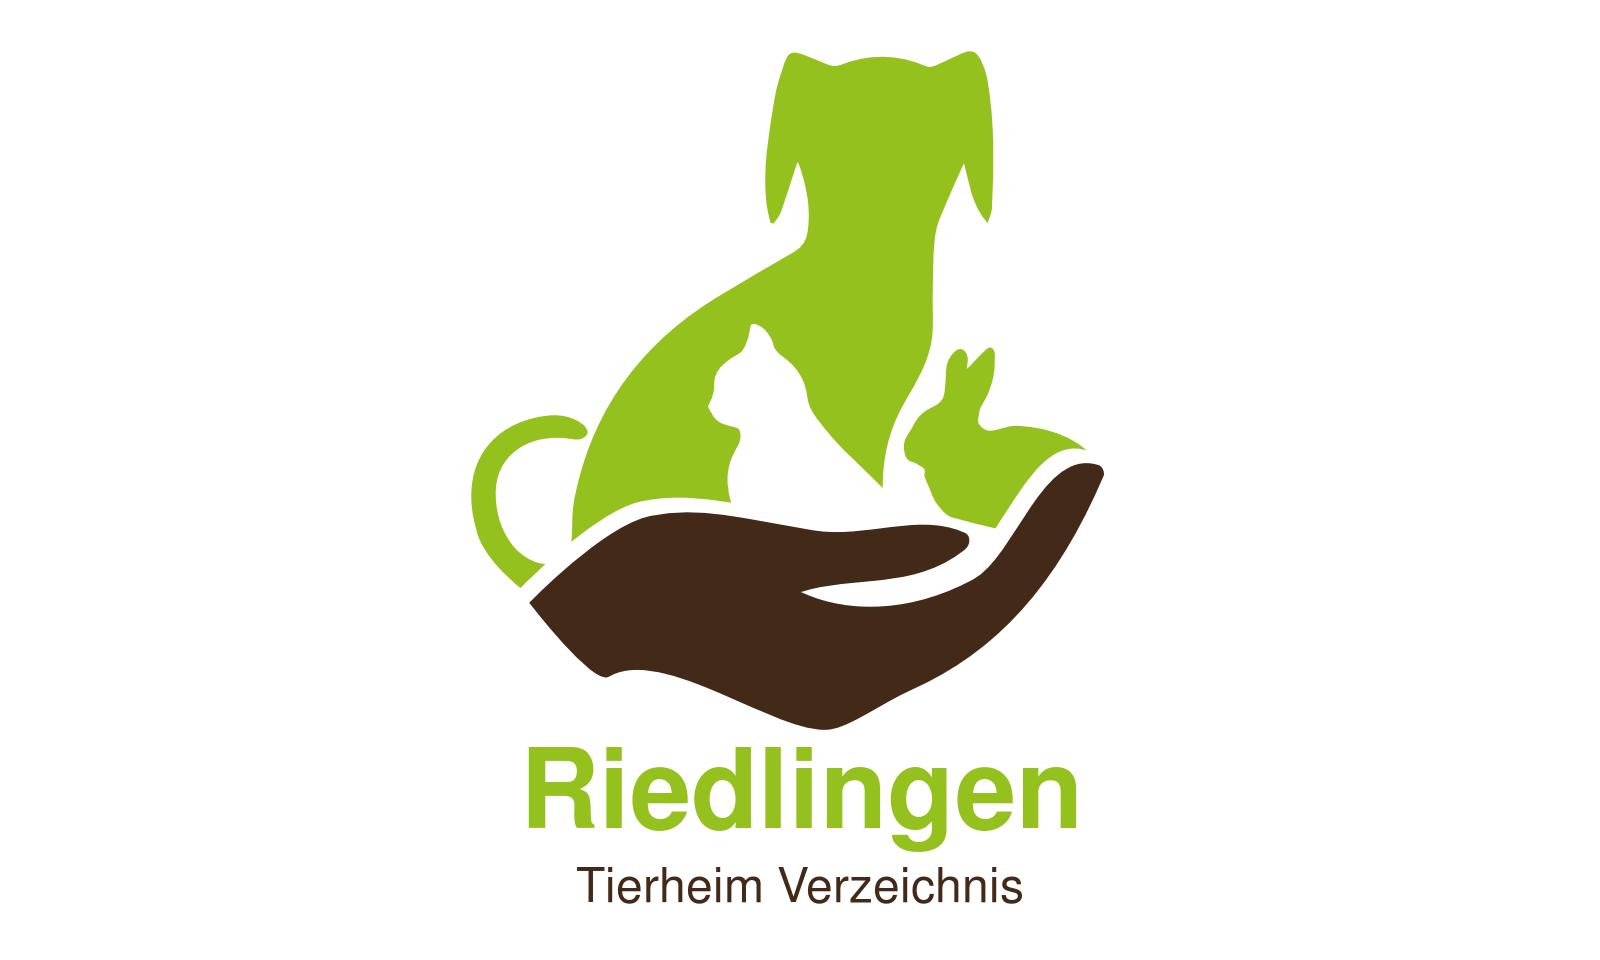 Tierheim Riedlingen